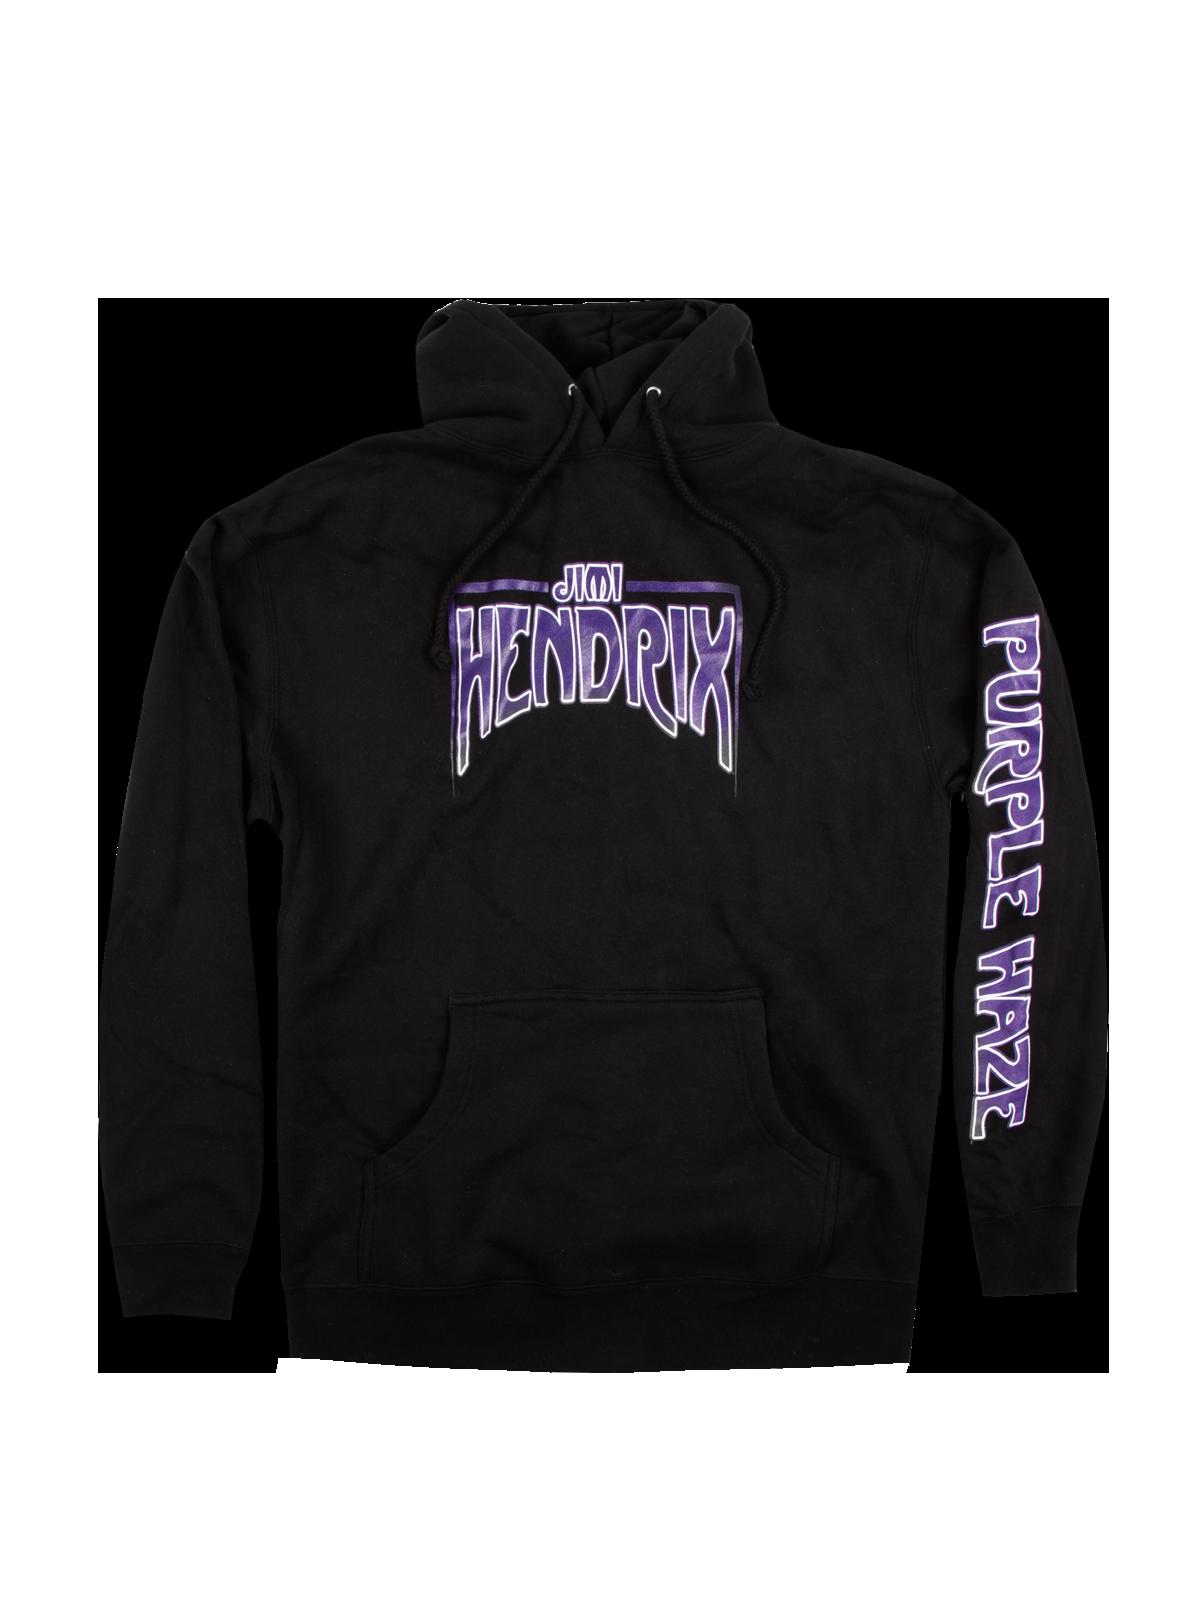 Authentic Hendrix Hoodie